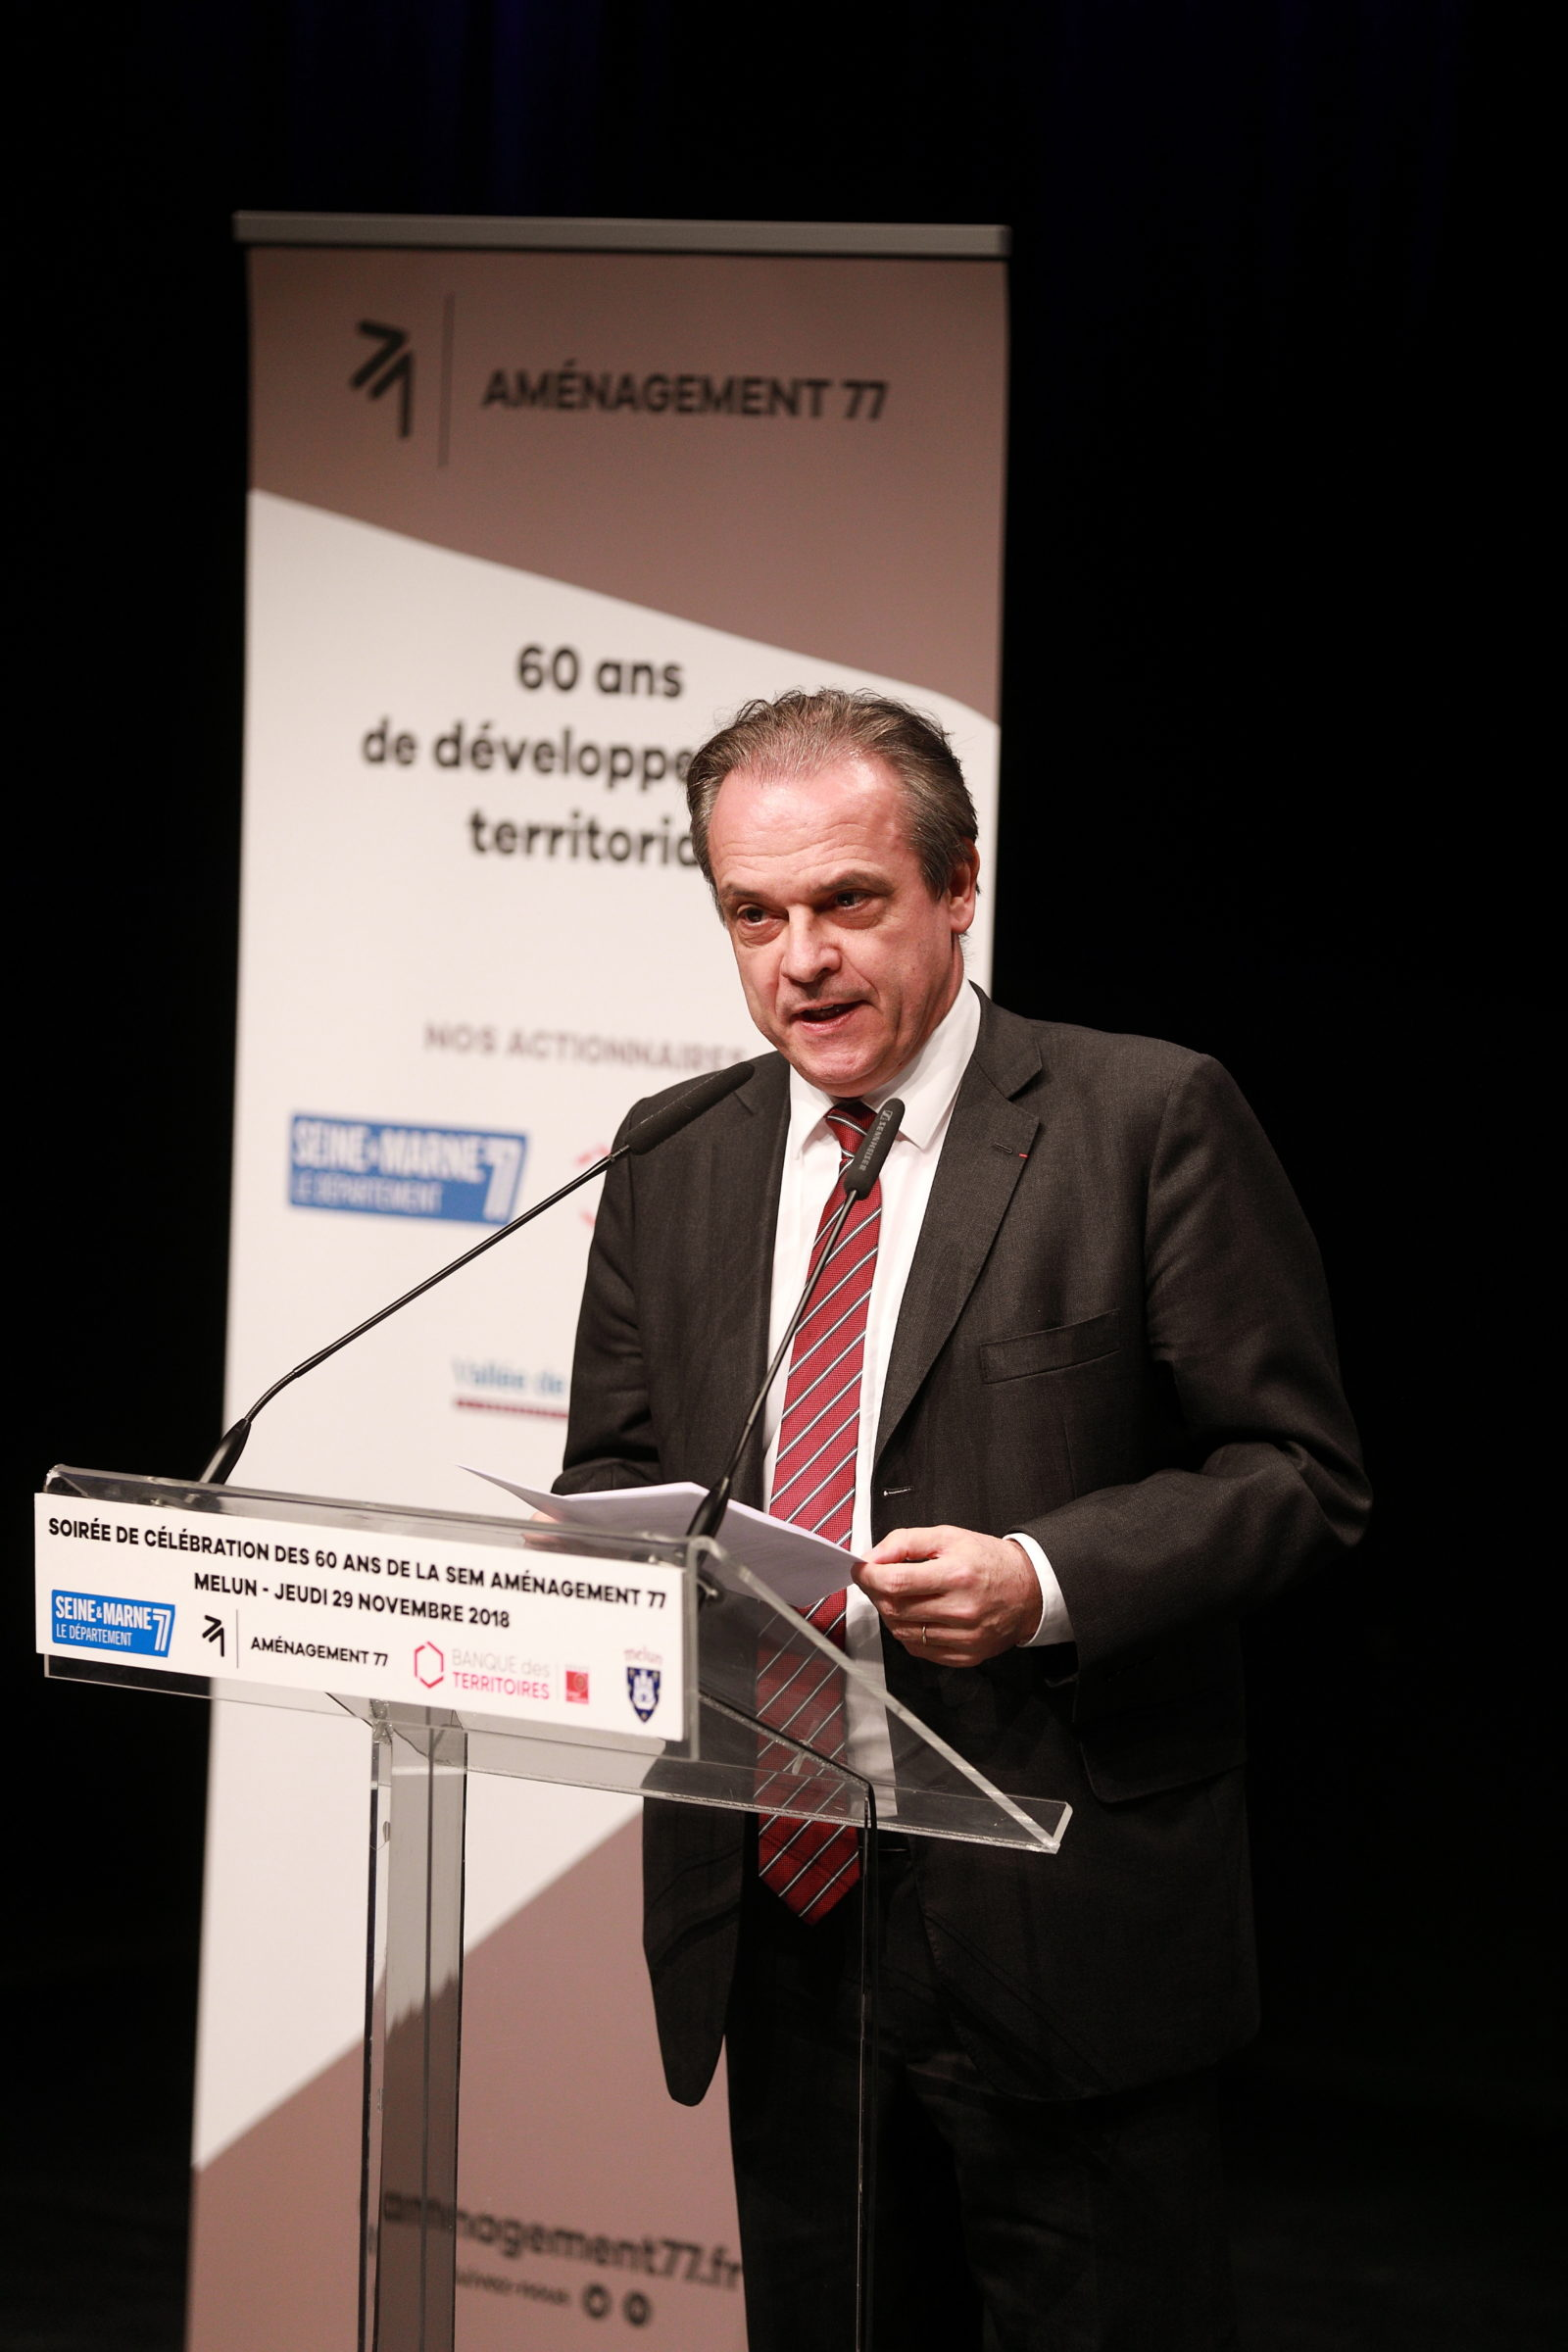 Louis VOGEL - Maire de Melun et Président de la Communauté d'Agglomération Melun Val de Seine